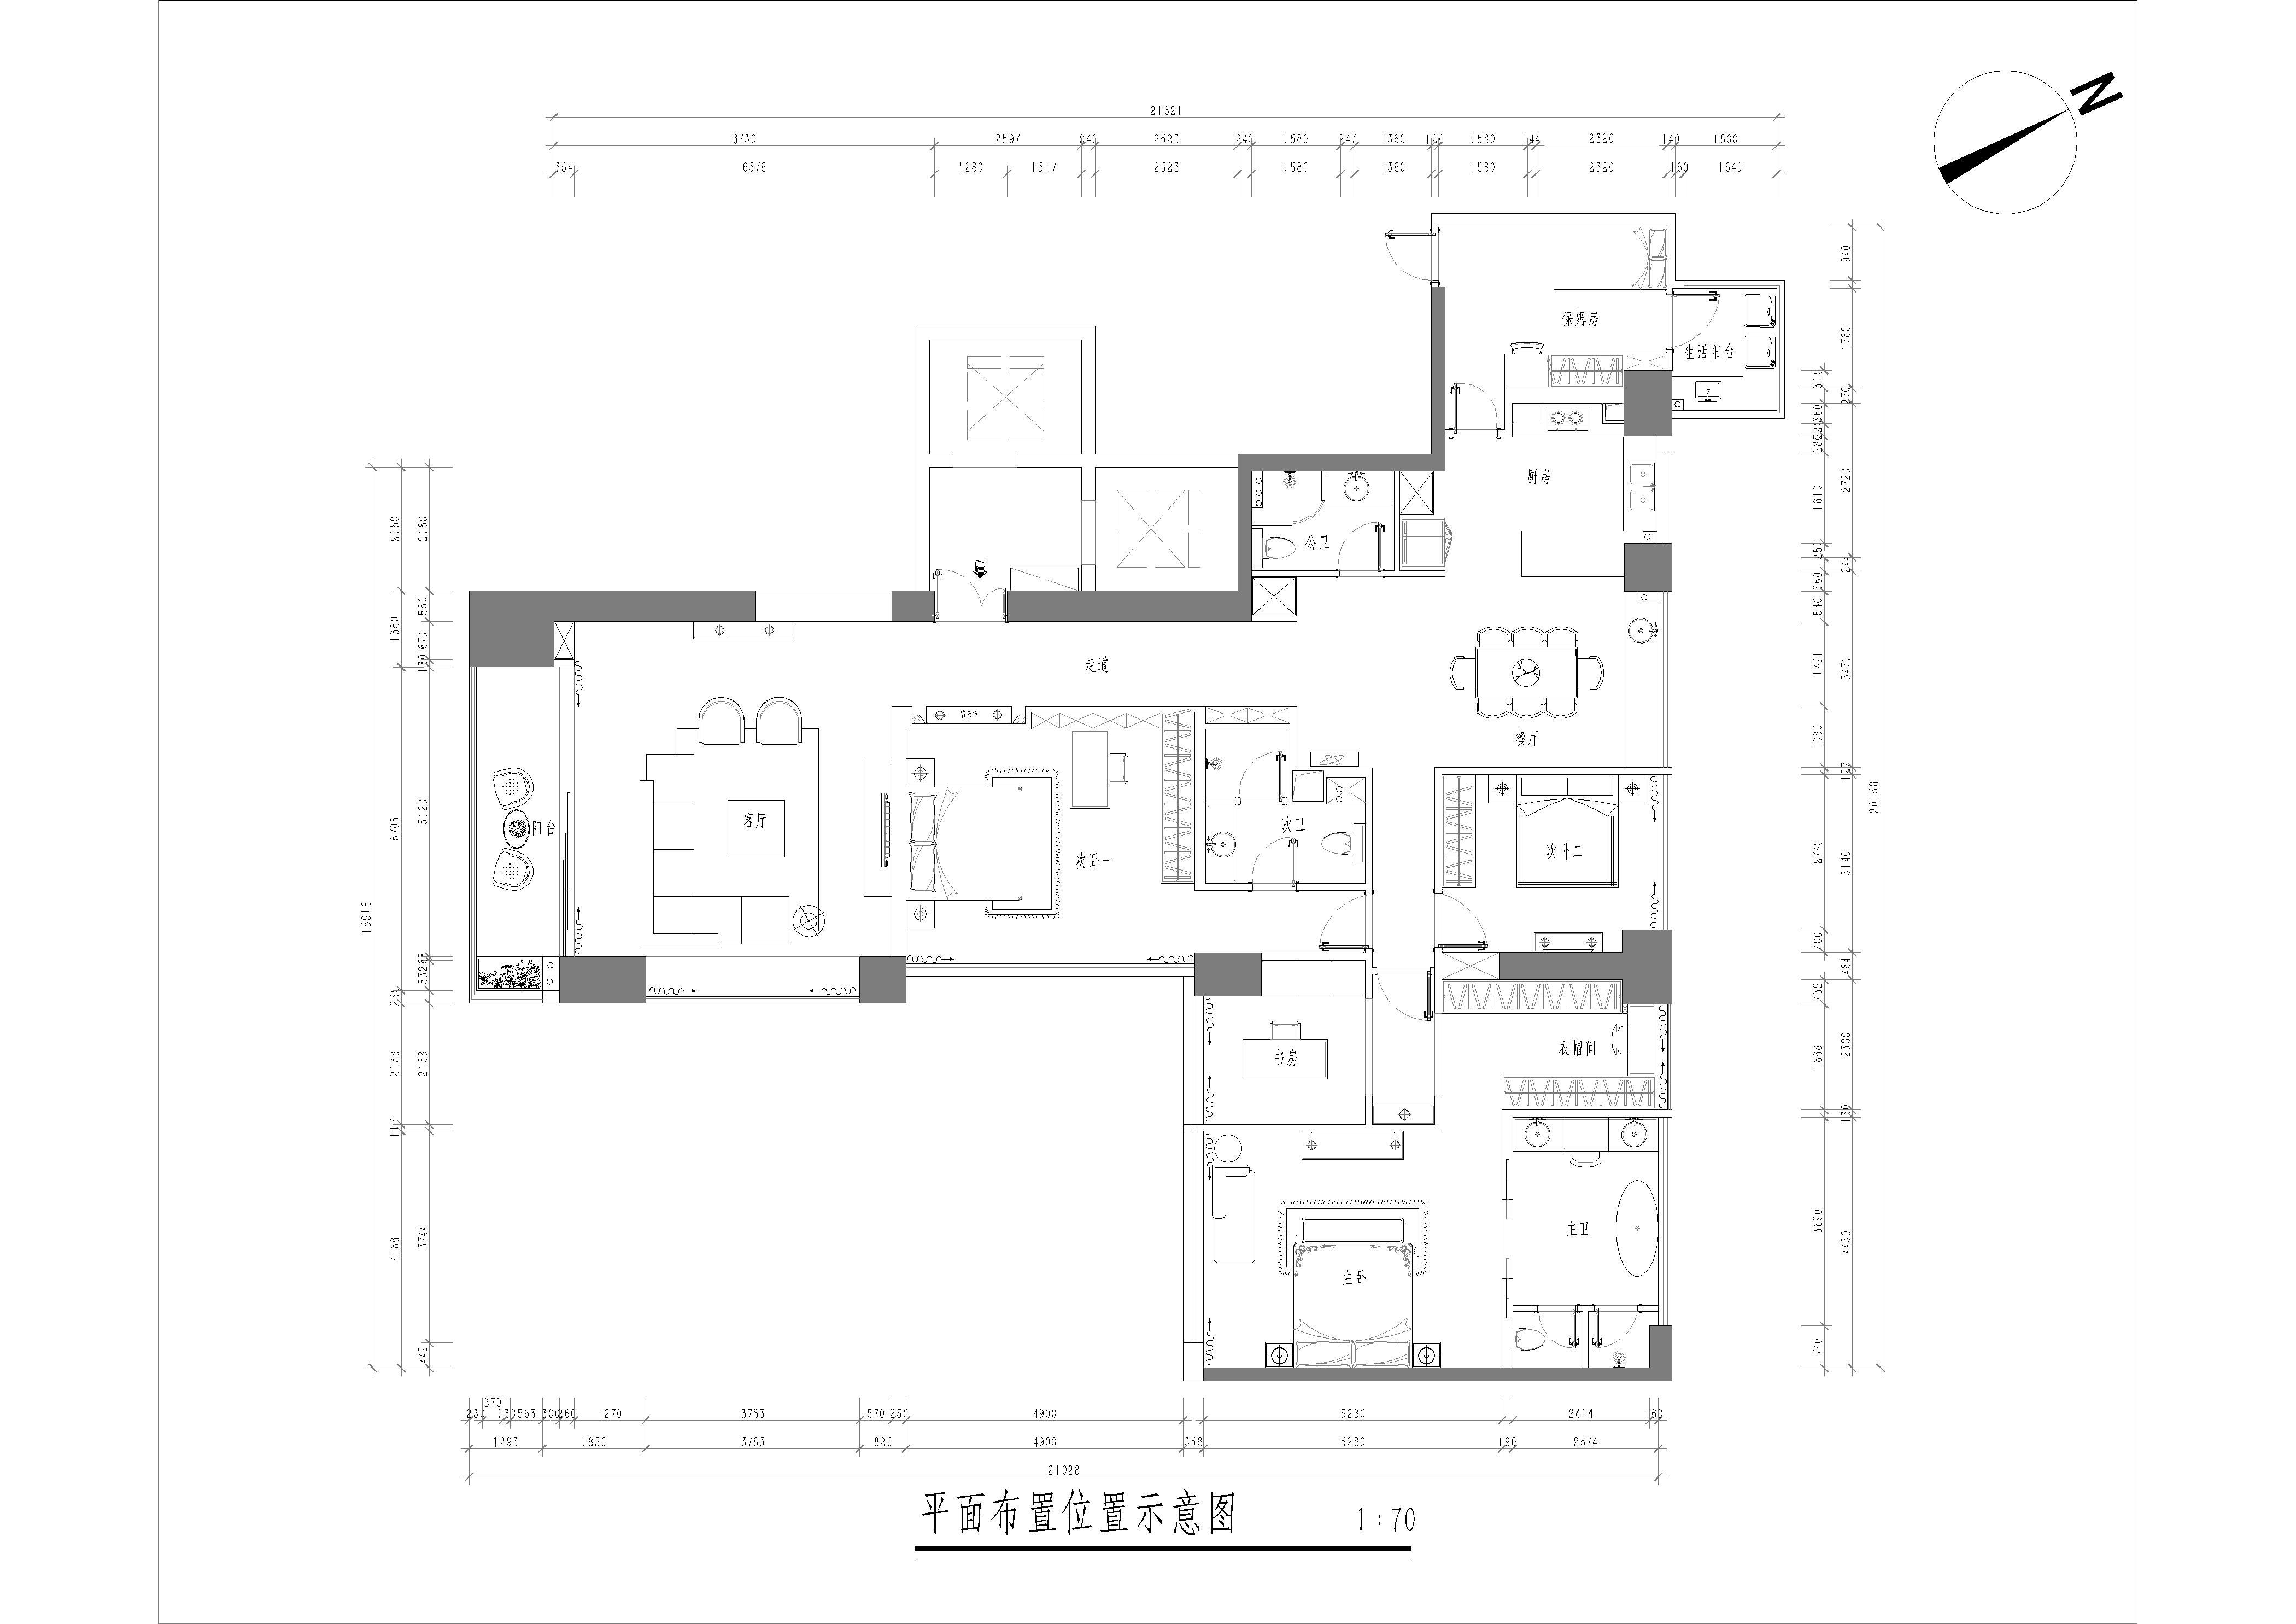 新天鹅堡 欧式装修风格效果图 四室两厅两厅 270平米装修设计理念